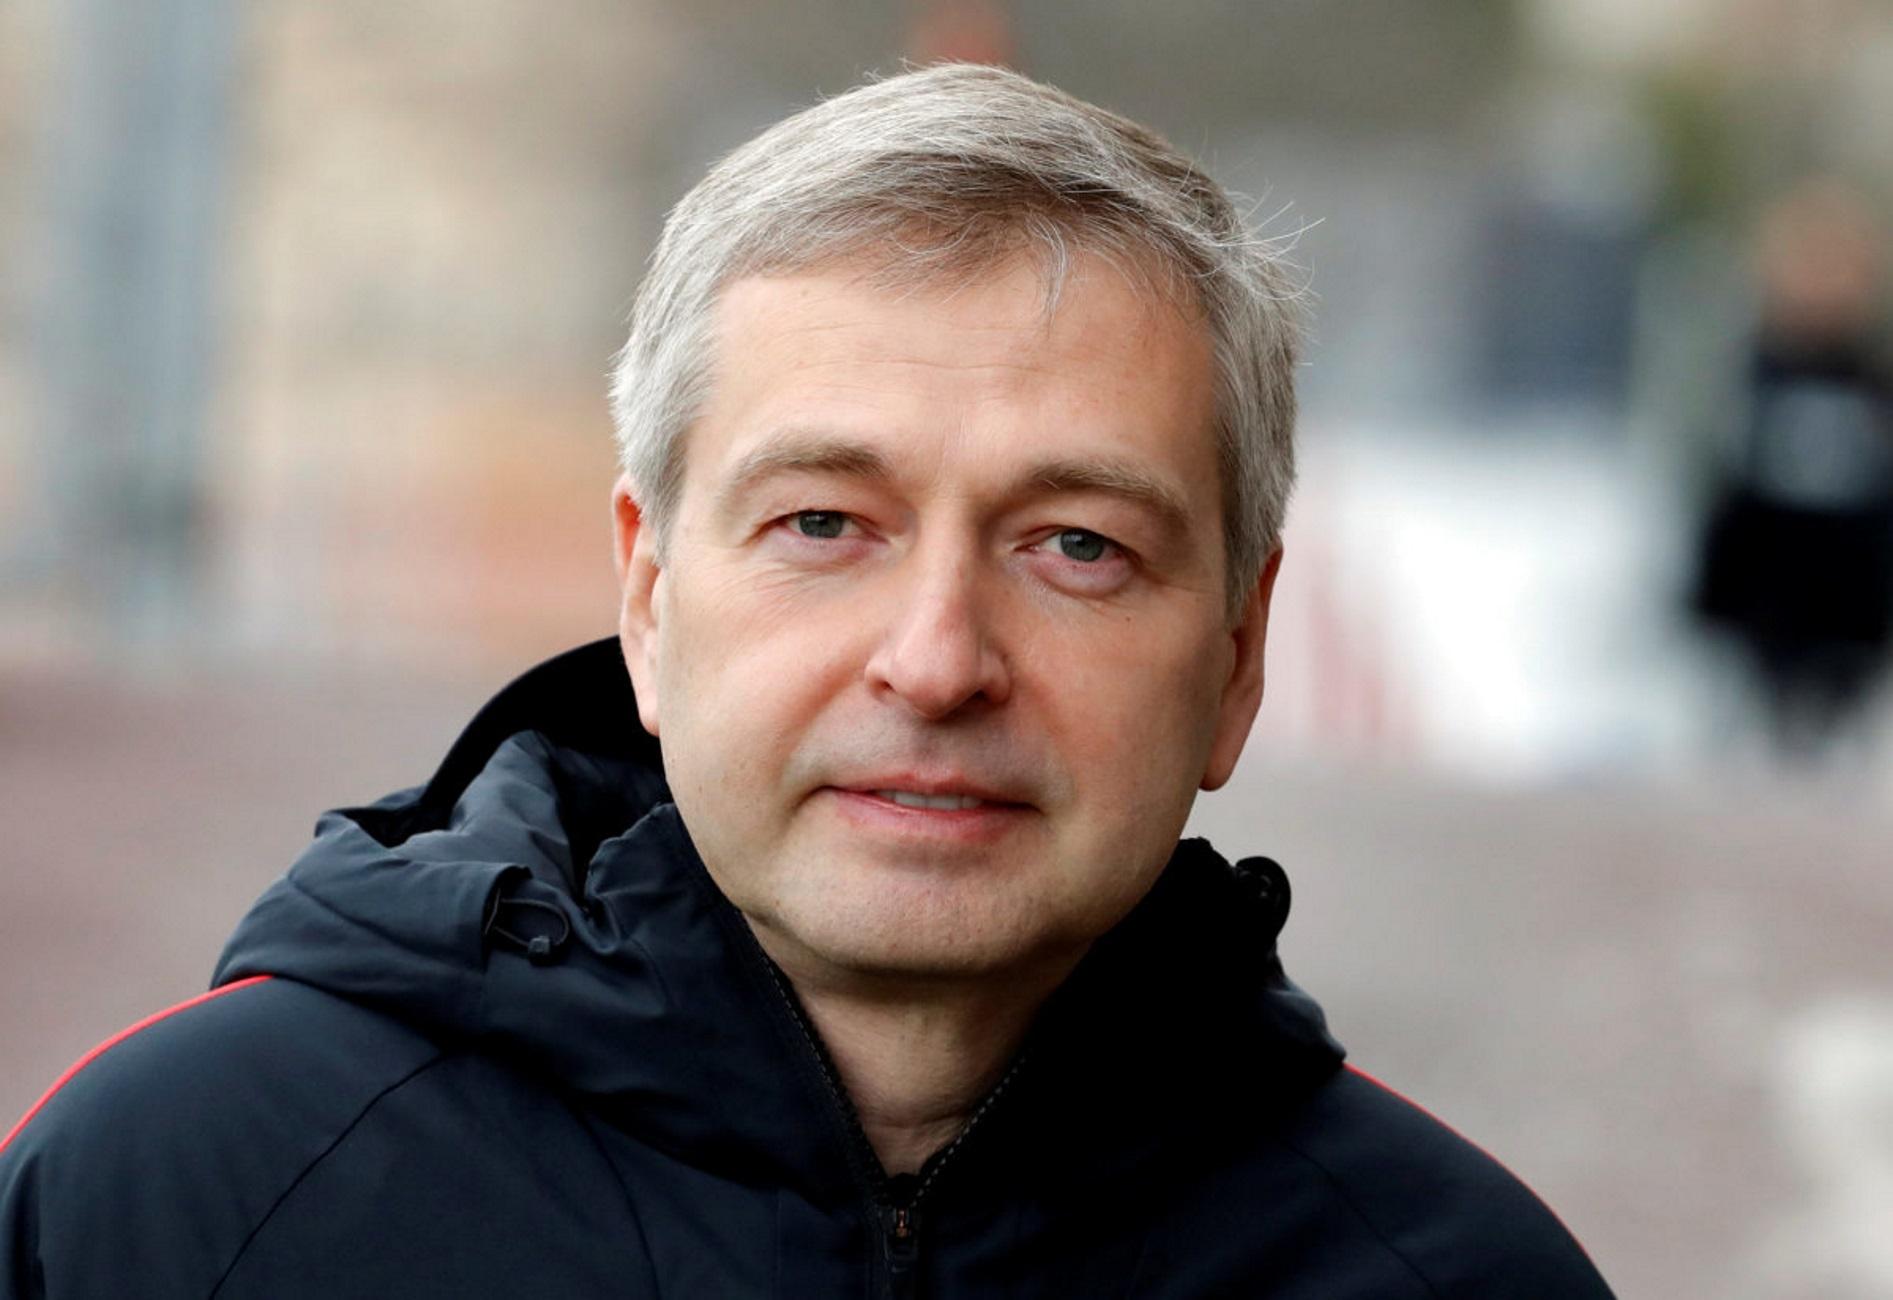 Ακυρώθηκε η αγωγή του Ριμπολόβλεφ σε βάρος του εμπόρου έργων τέχνης Ιβ Μπουβιέ